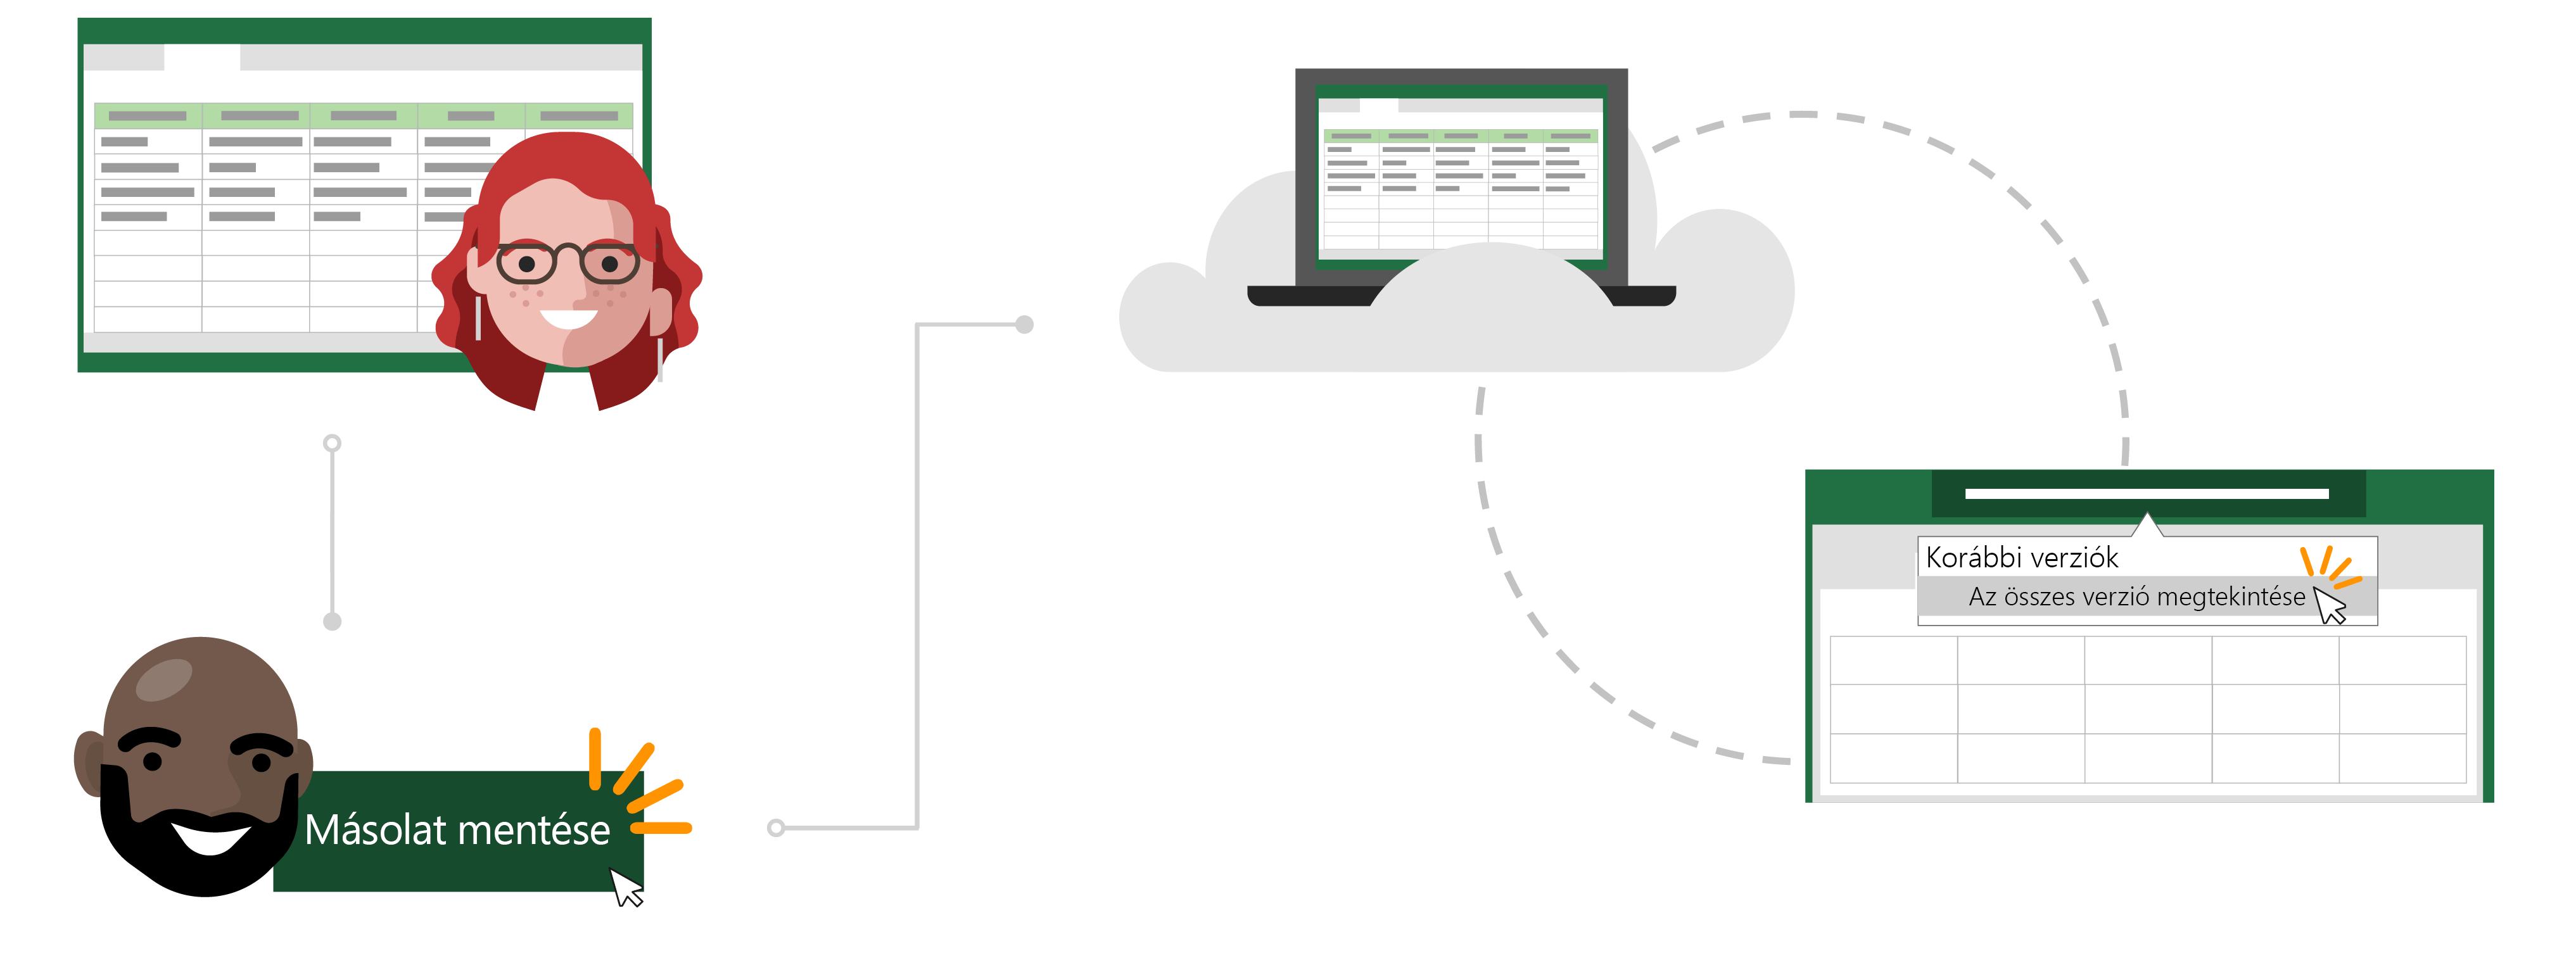 A felhőben meglévő fájlok sablonként használhatók egy új fájlra a másolat mentése paranccsal.